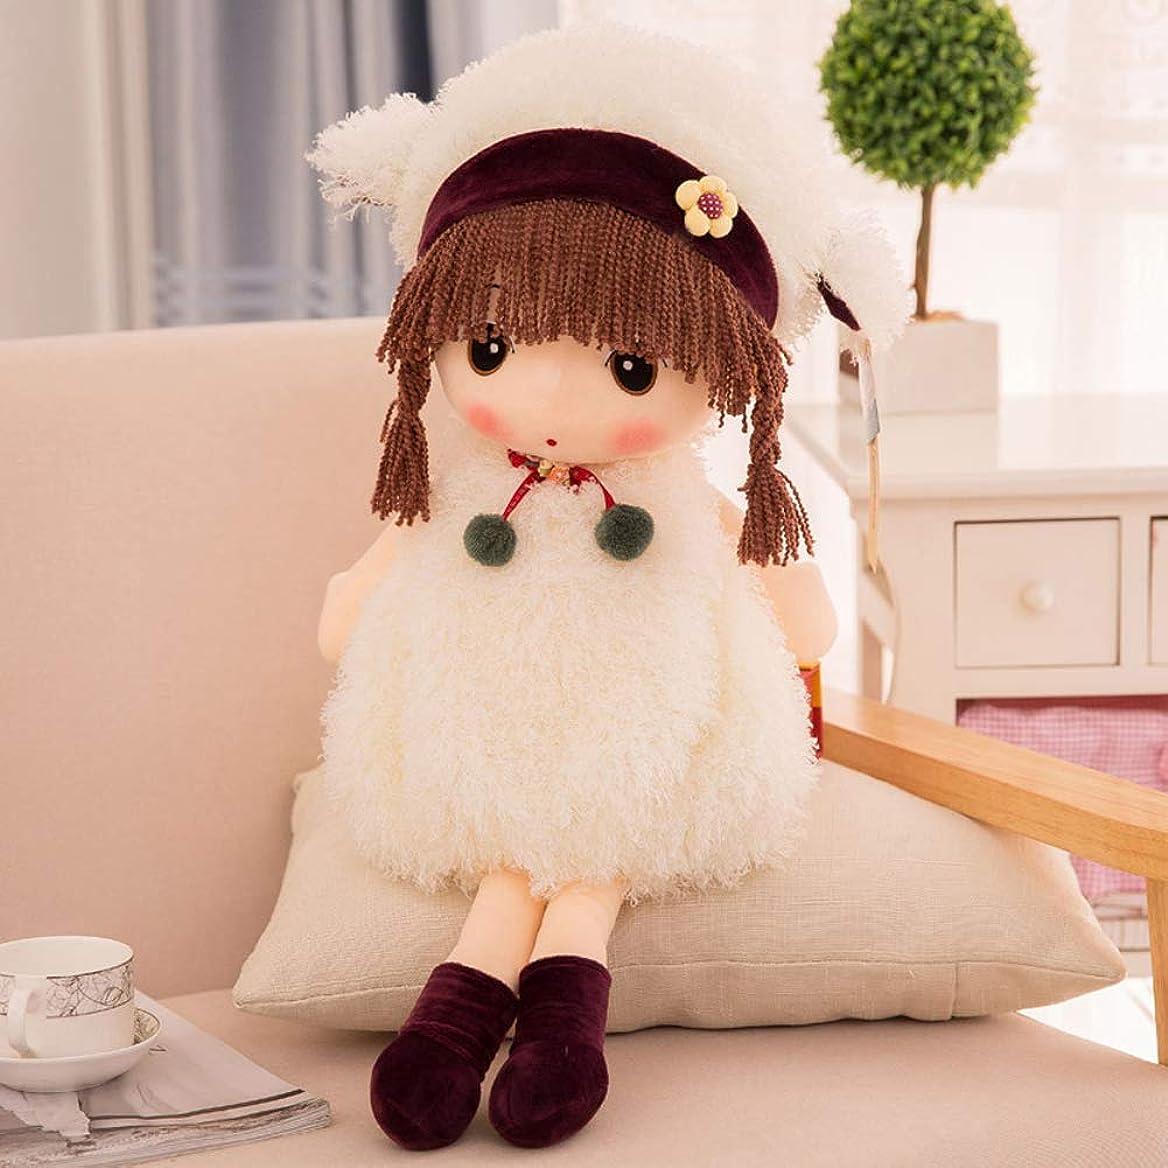 テンポ両方どれでもガーゼぬいぐるみ 花仙女 絨の人形 かわいい人形 クリスマスプレゼント 3サイズの選択が可能です (ホワィト, 90cm)